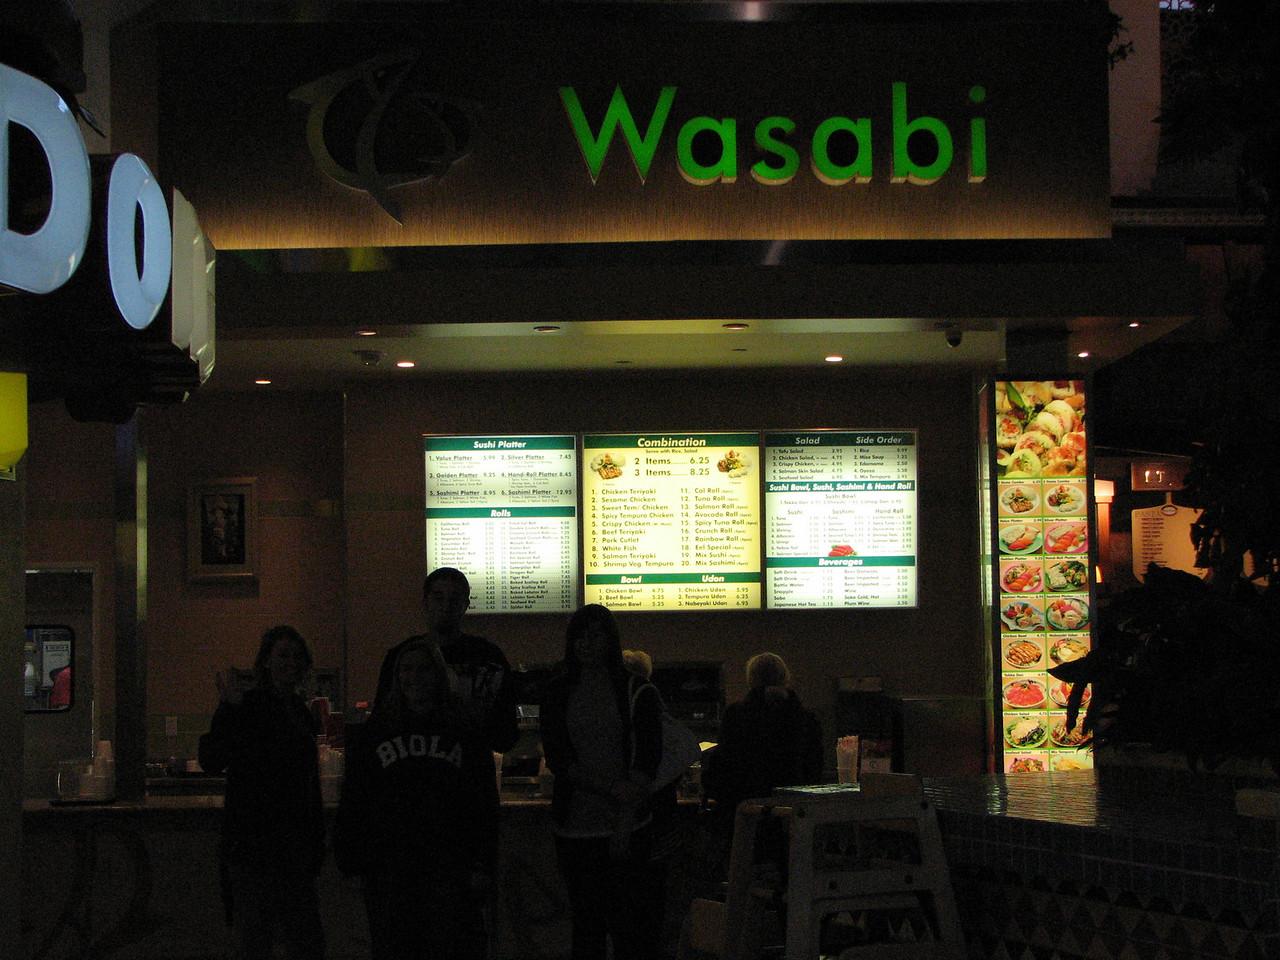 2007 03 02 Fri - Scavenger Hunt - Wasabi together